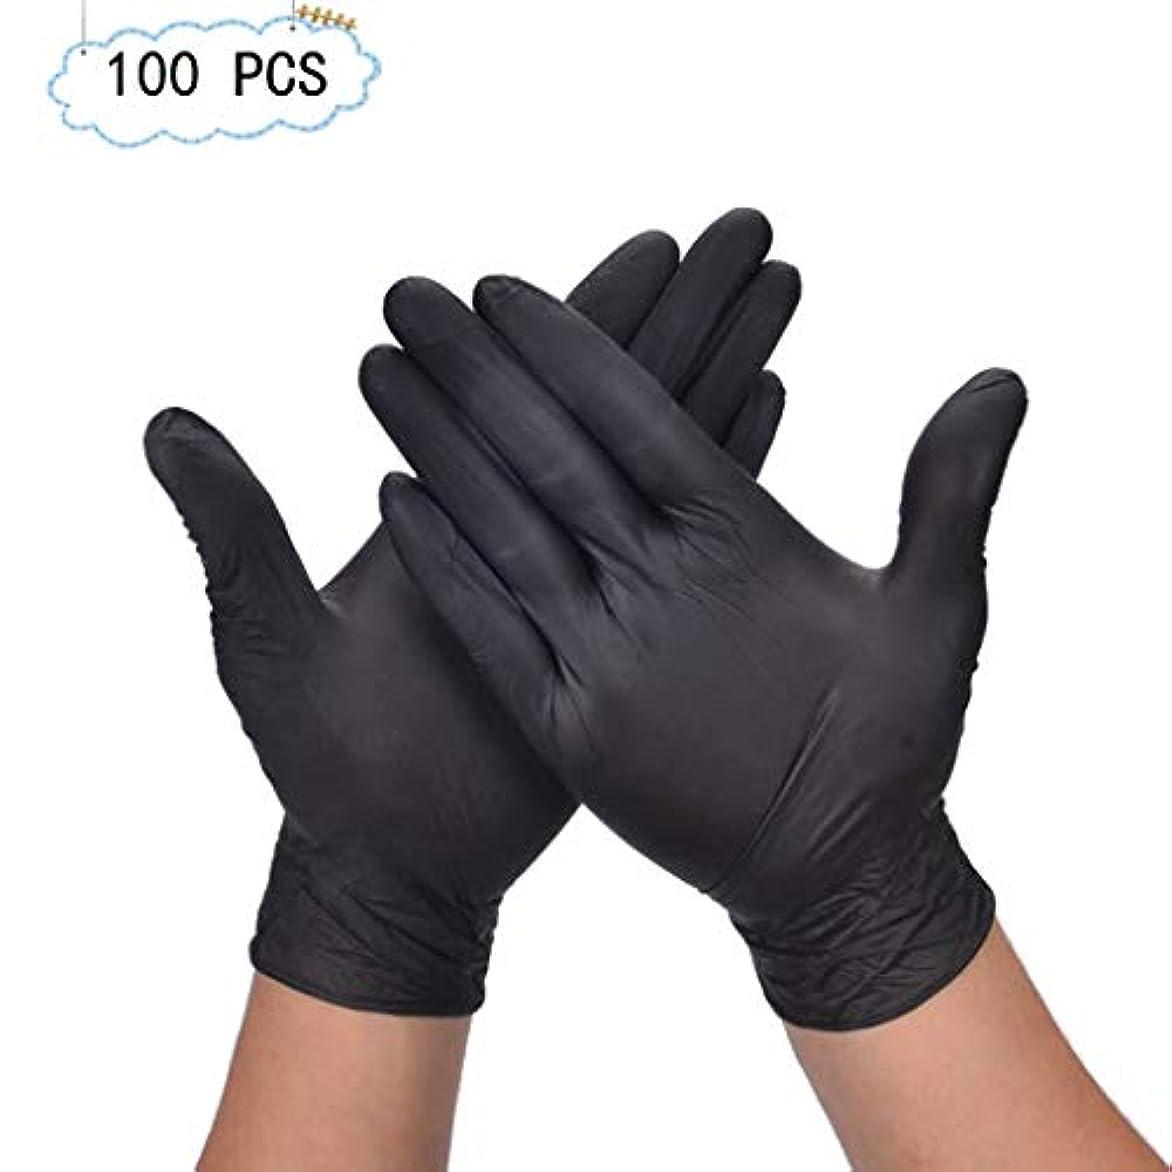 ビタミンオリエンテーション診療所ニトリル滑り止め酸およびアルカリテスト産業用食品使い捨て手袋ペットケアネイルアート検査保護実験、美容院ラテックスフリー、パウダーフリー、両手利き、100個 (Color : Black, Size : XL)